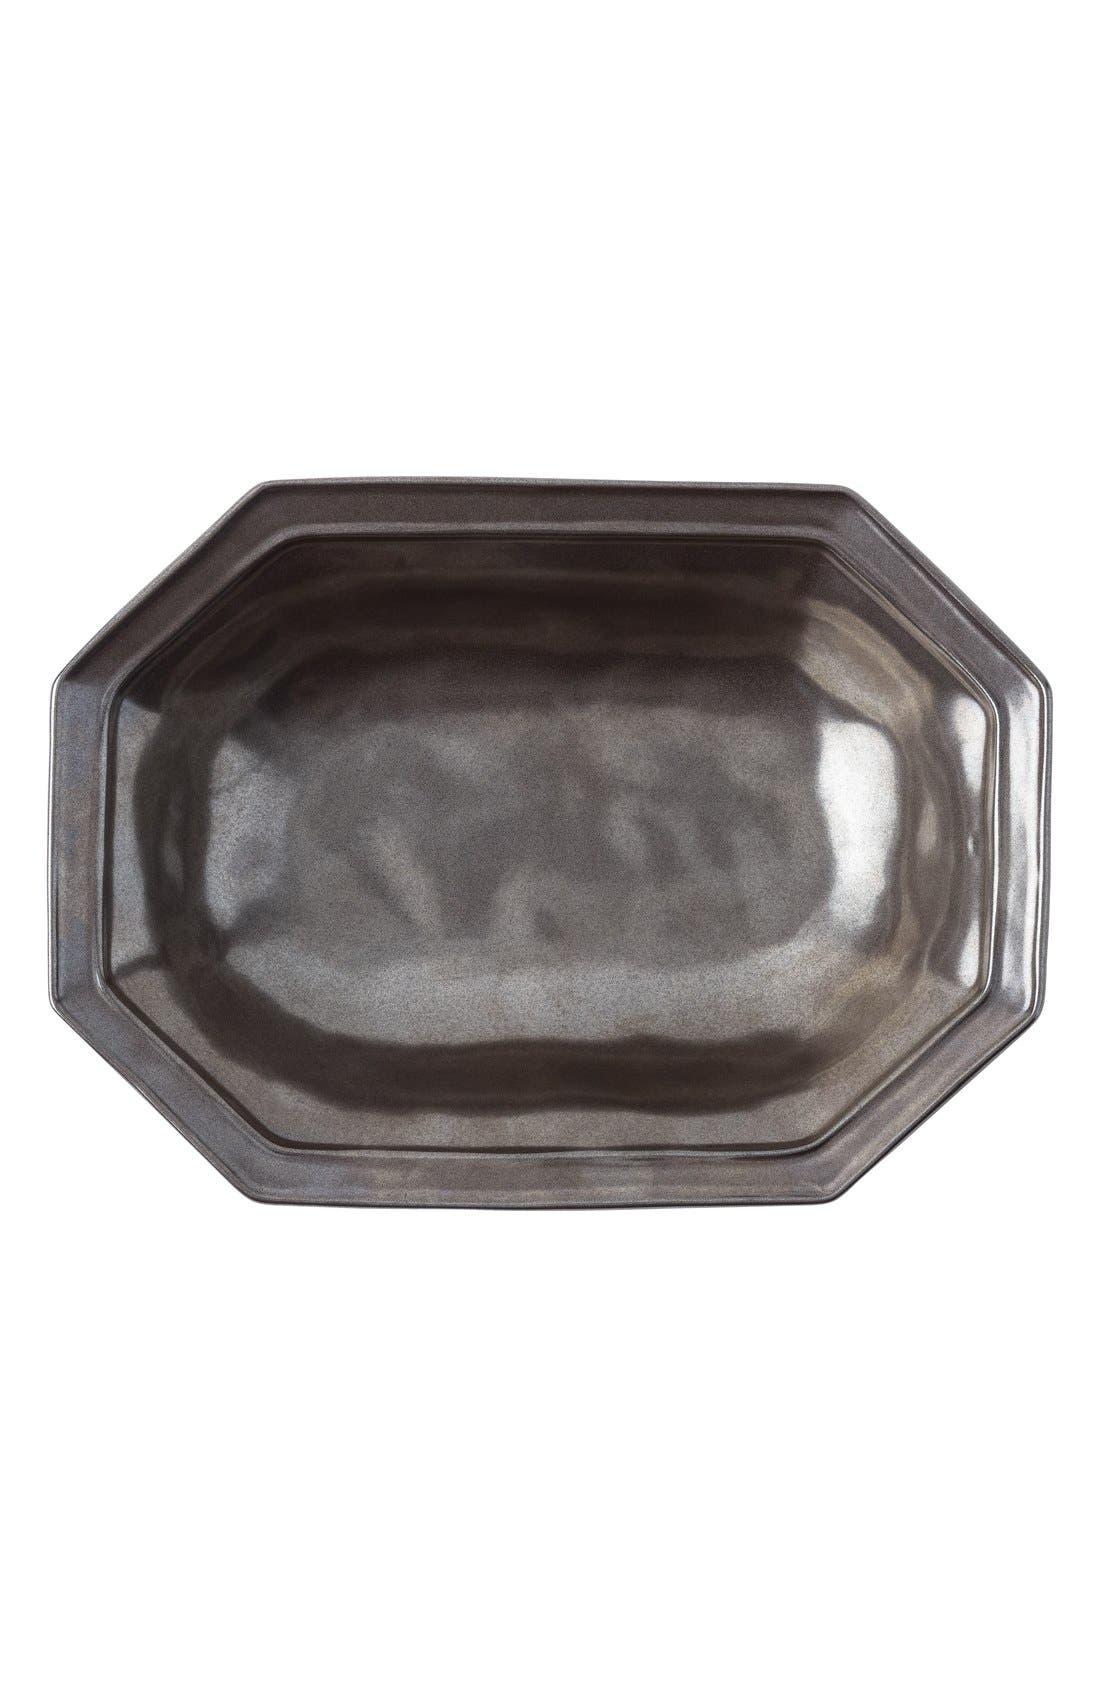 Alternate Image 1 Selected - JuliskaPewter Stoneware Octagonal Serving Bowl